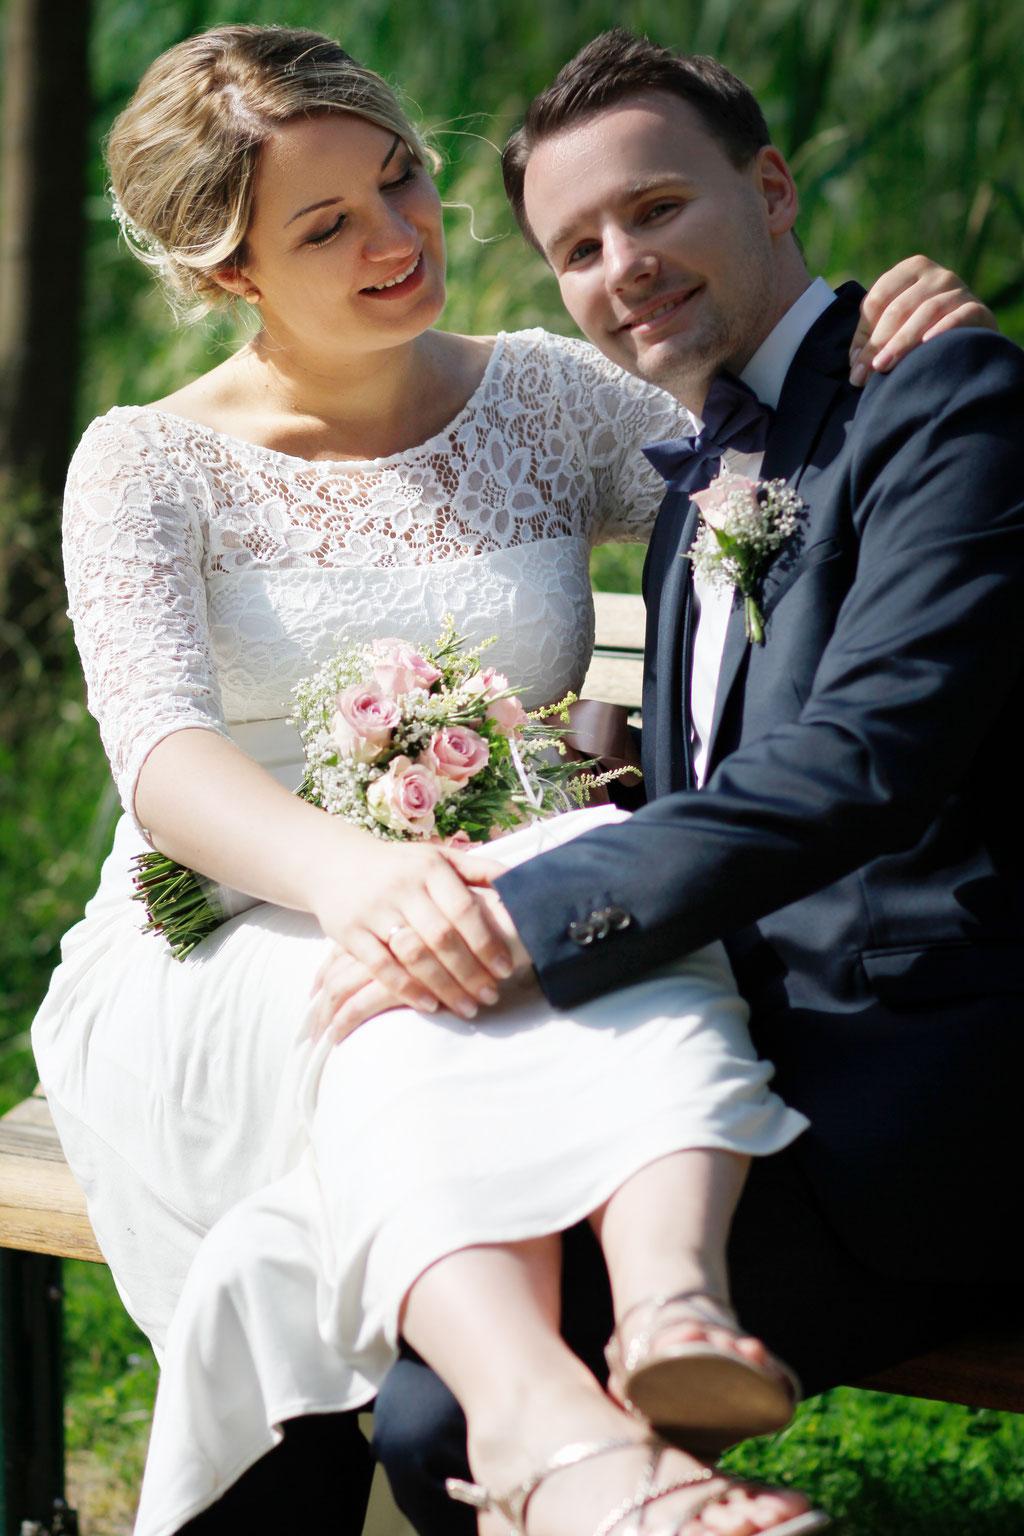 Die Hochzeit von Caro und Marcel auf dem Trausteg in Feldberg| Trauung| Wedding| Braut| Bräutigam| Ehe| Ehering| Fliege| Blumen| Lächeln| Mecklenburg- Vorpommern| Neubrandenburg| Greifswald| Hendrikje Richert Fotografie